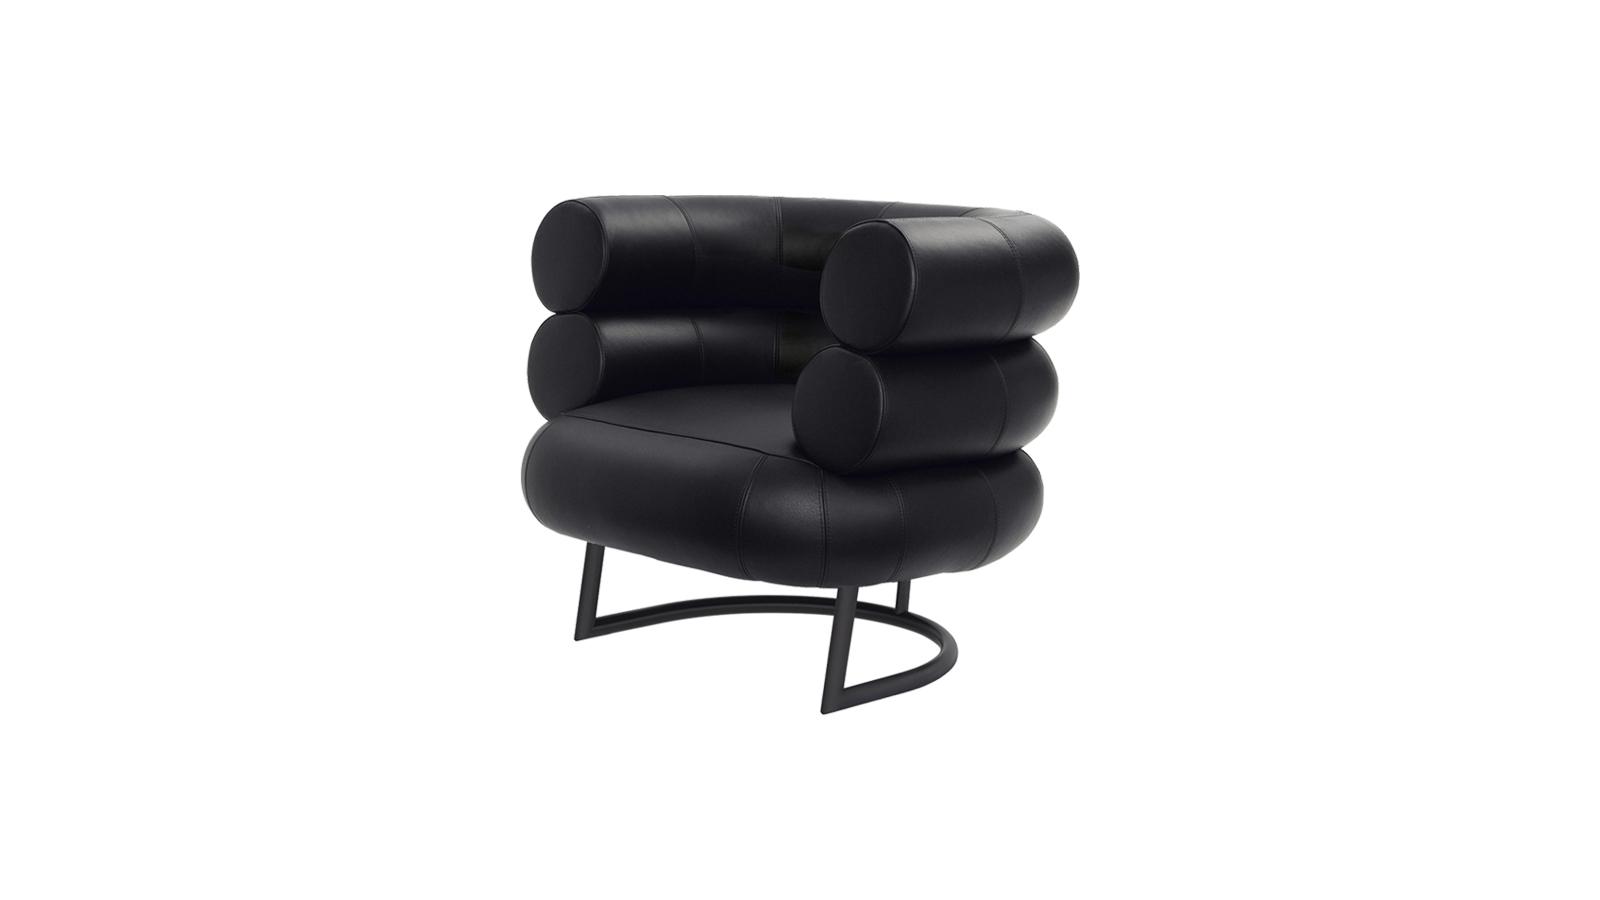 Eileen Gray, a Bibendum fotel tervezője nem véletlenül a Michelin-babáról nevezte el karosszékét: a gömbölyded hurkák egymásra helyezésével létrejött szerkezet egyértelműen a pufók reklámfigurára emlékeztet. Az 1926-ban tervezett bútor még ma is friss, modern és játékos hatást kelt.